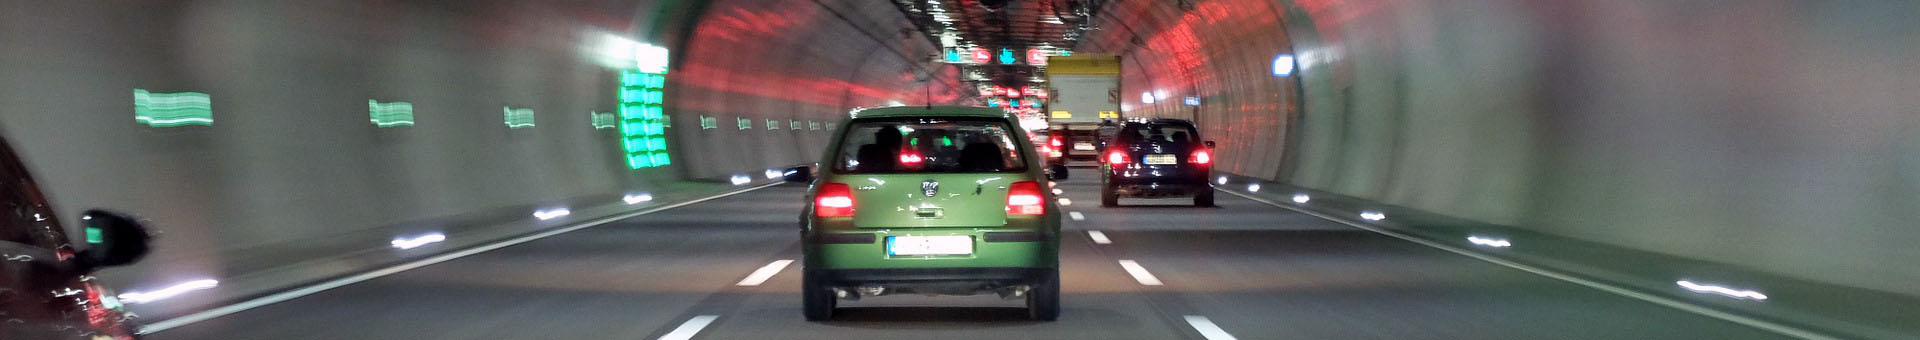 Acces voiture Saint Jean d'Arves